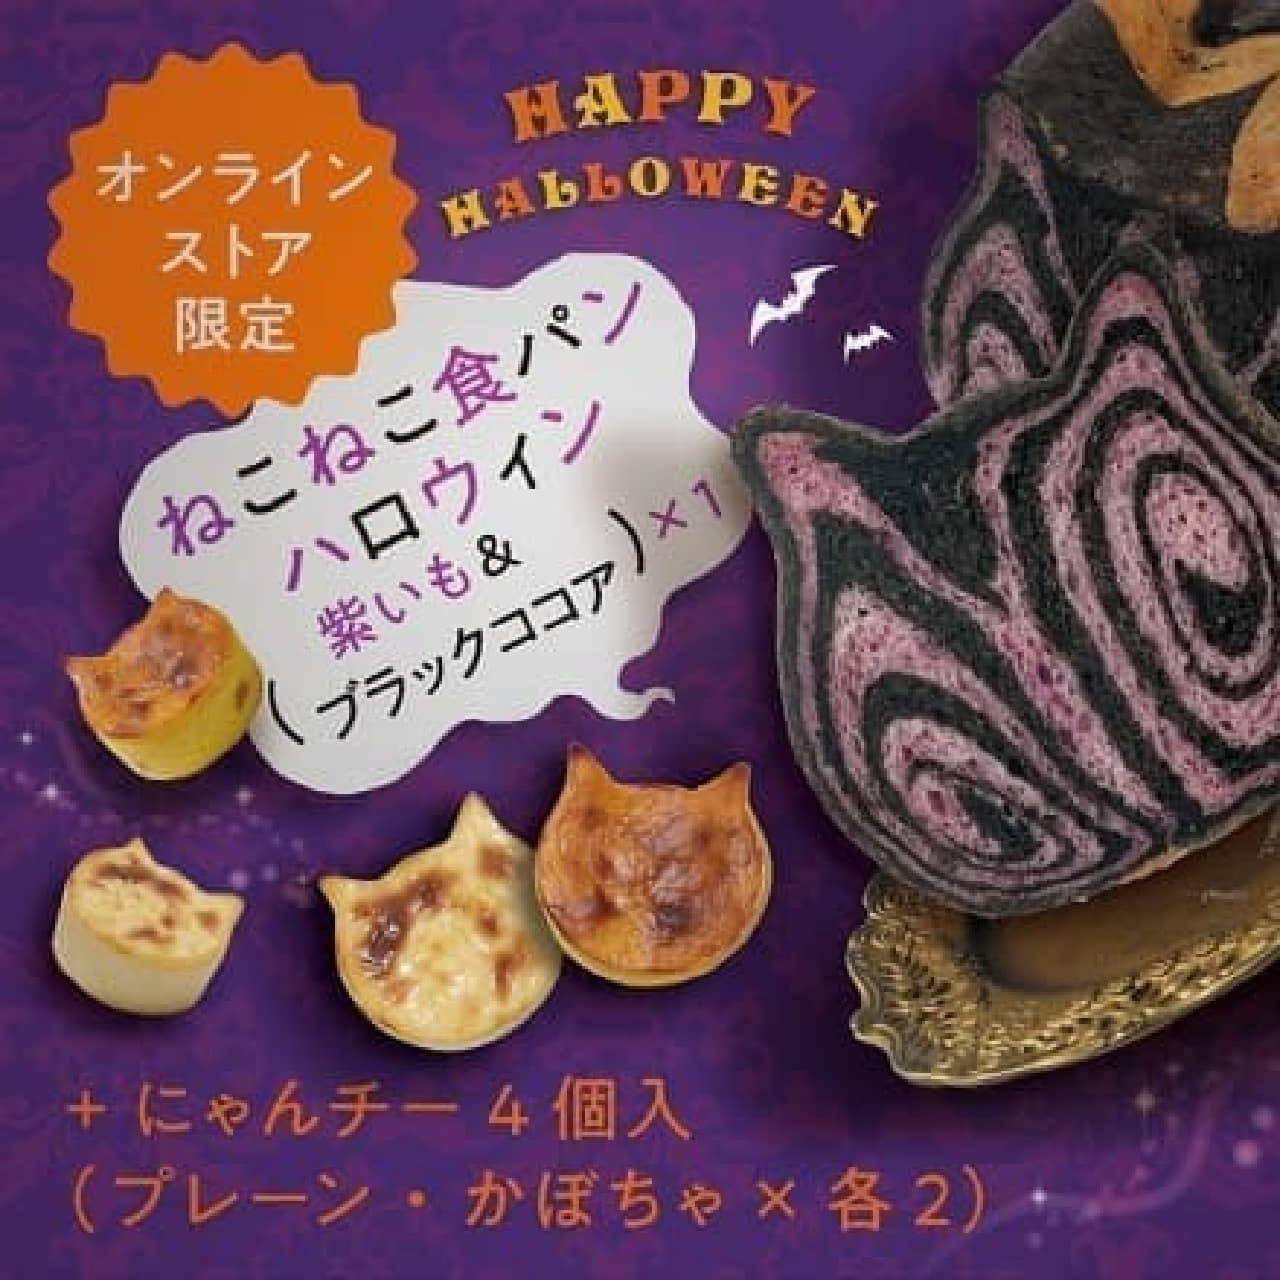 ねこねこ食パン(ハロウィン)+にゃんチー(ハロウィン)